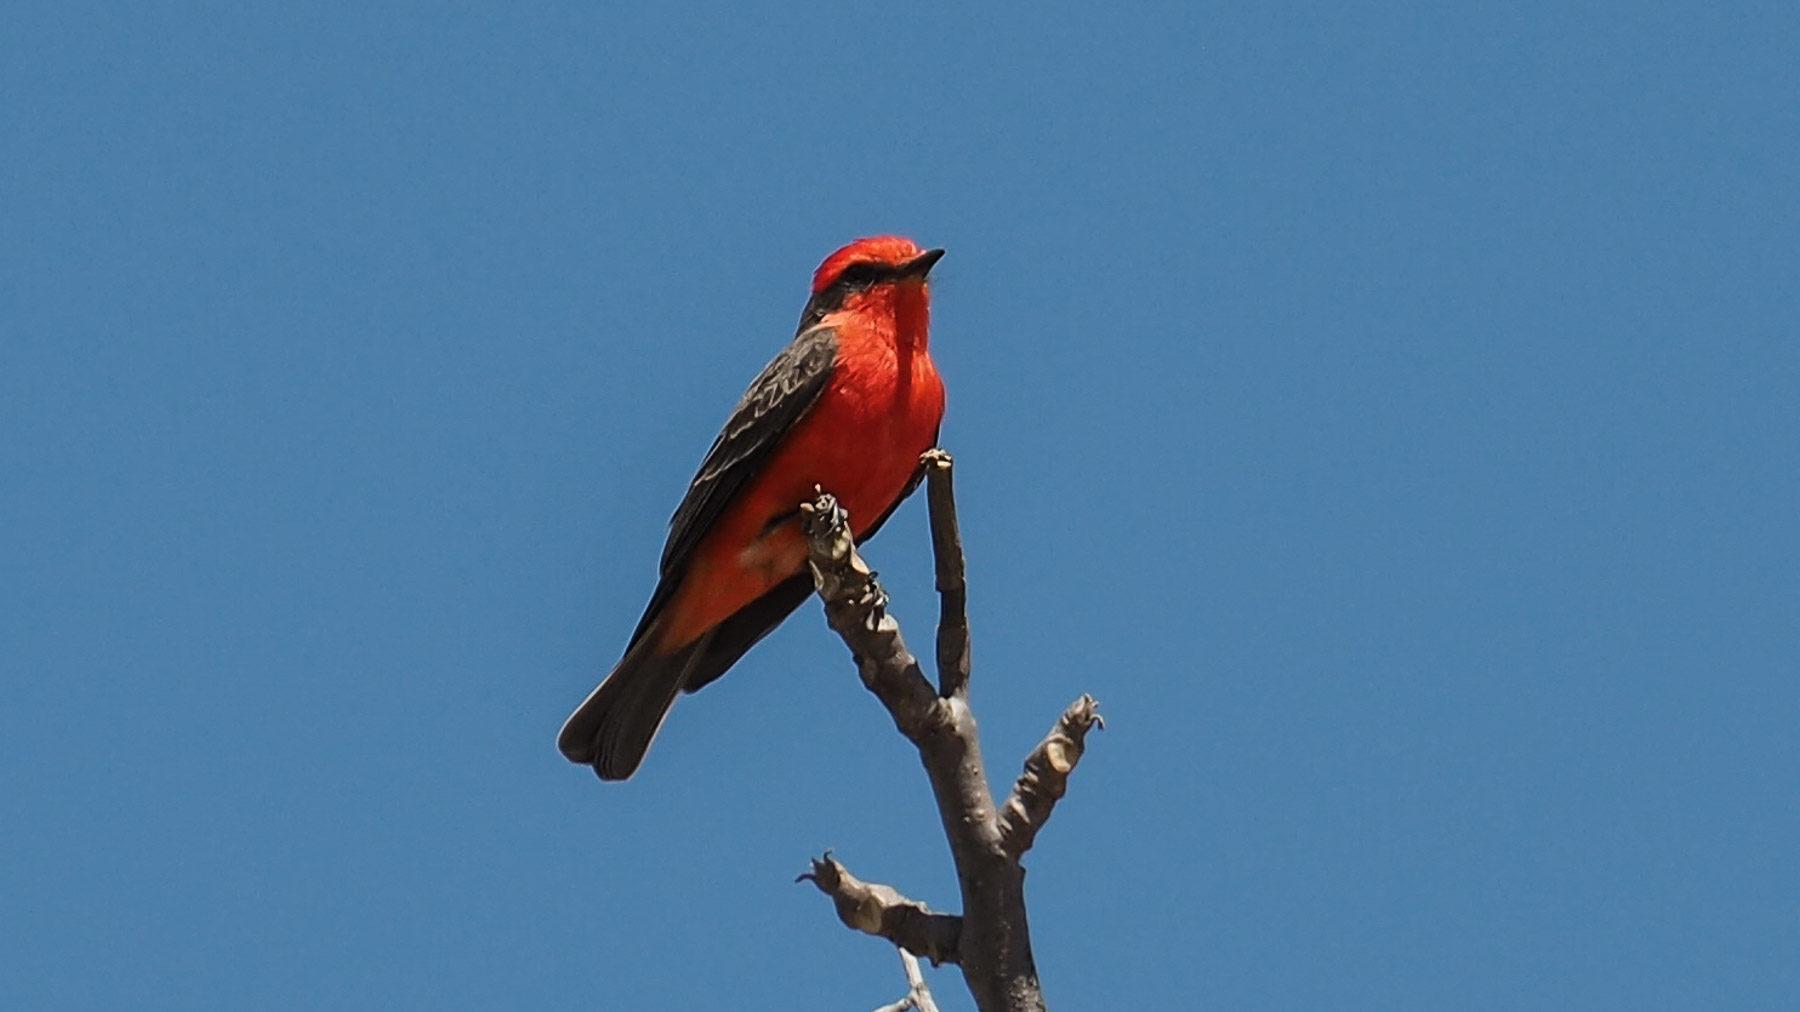 Ein kleiner roter Fliegenfänger